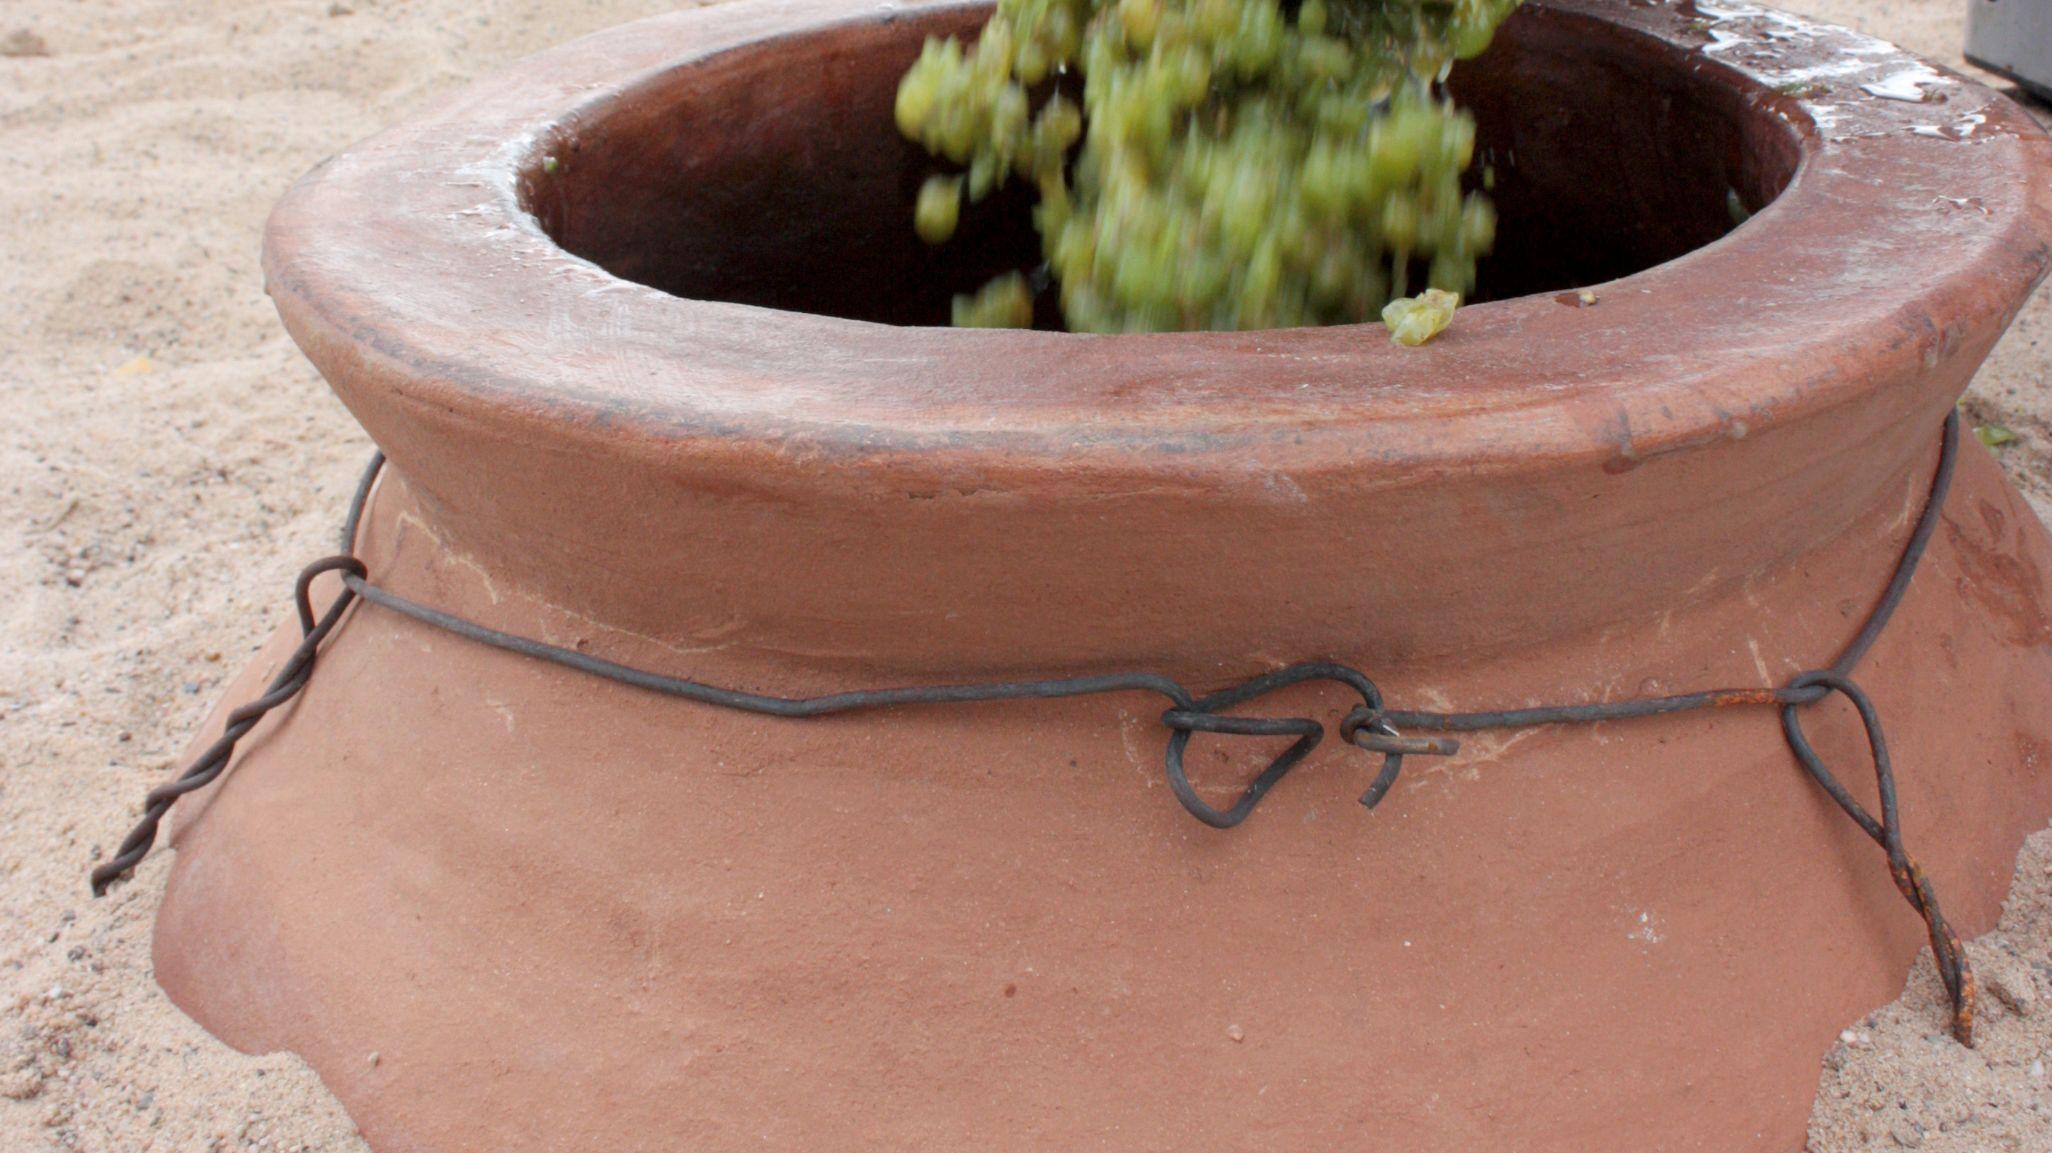 Amphore wird mit Weintrauben befüllt (Symbolbild)